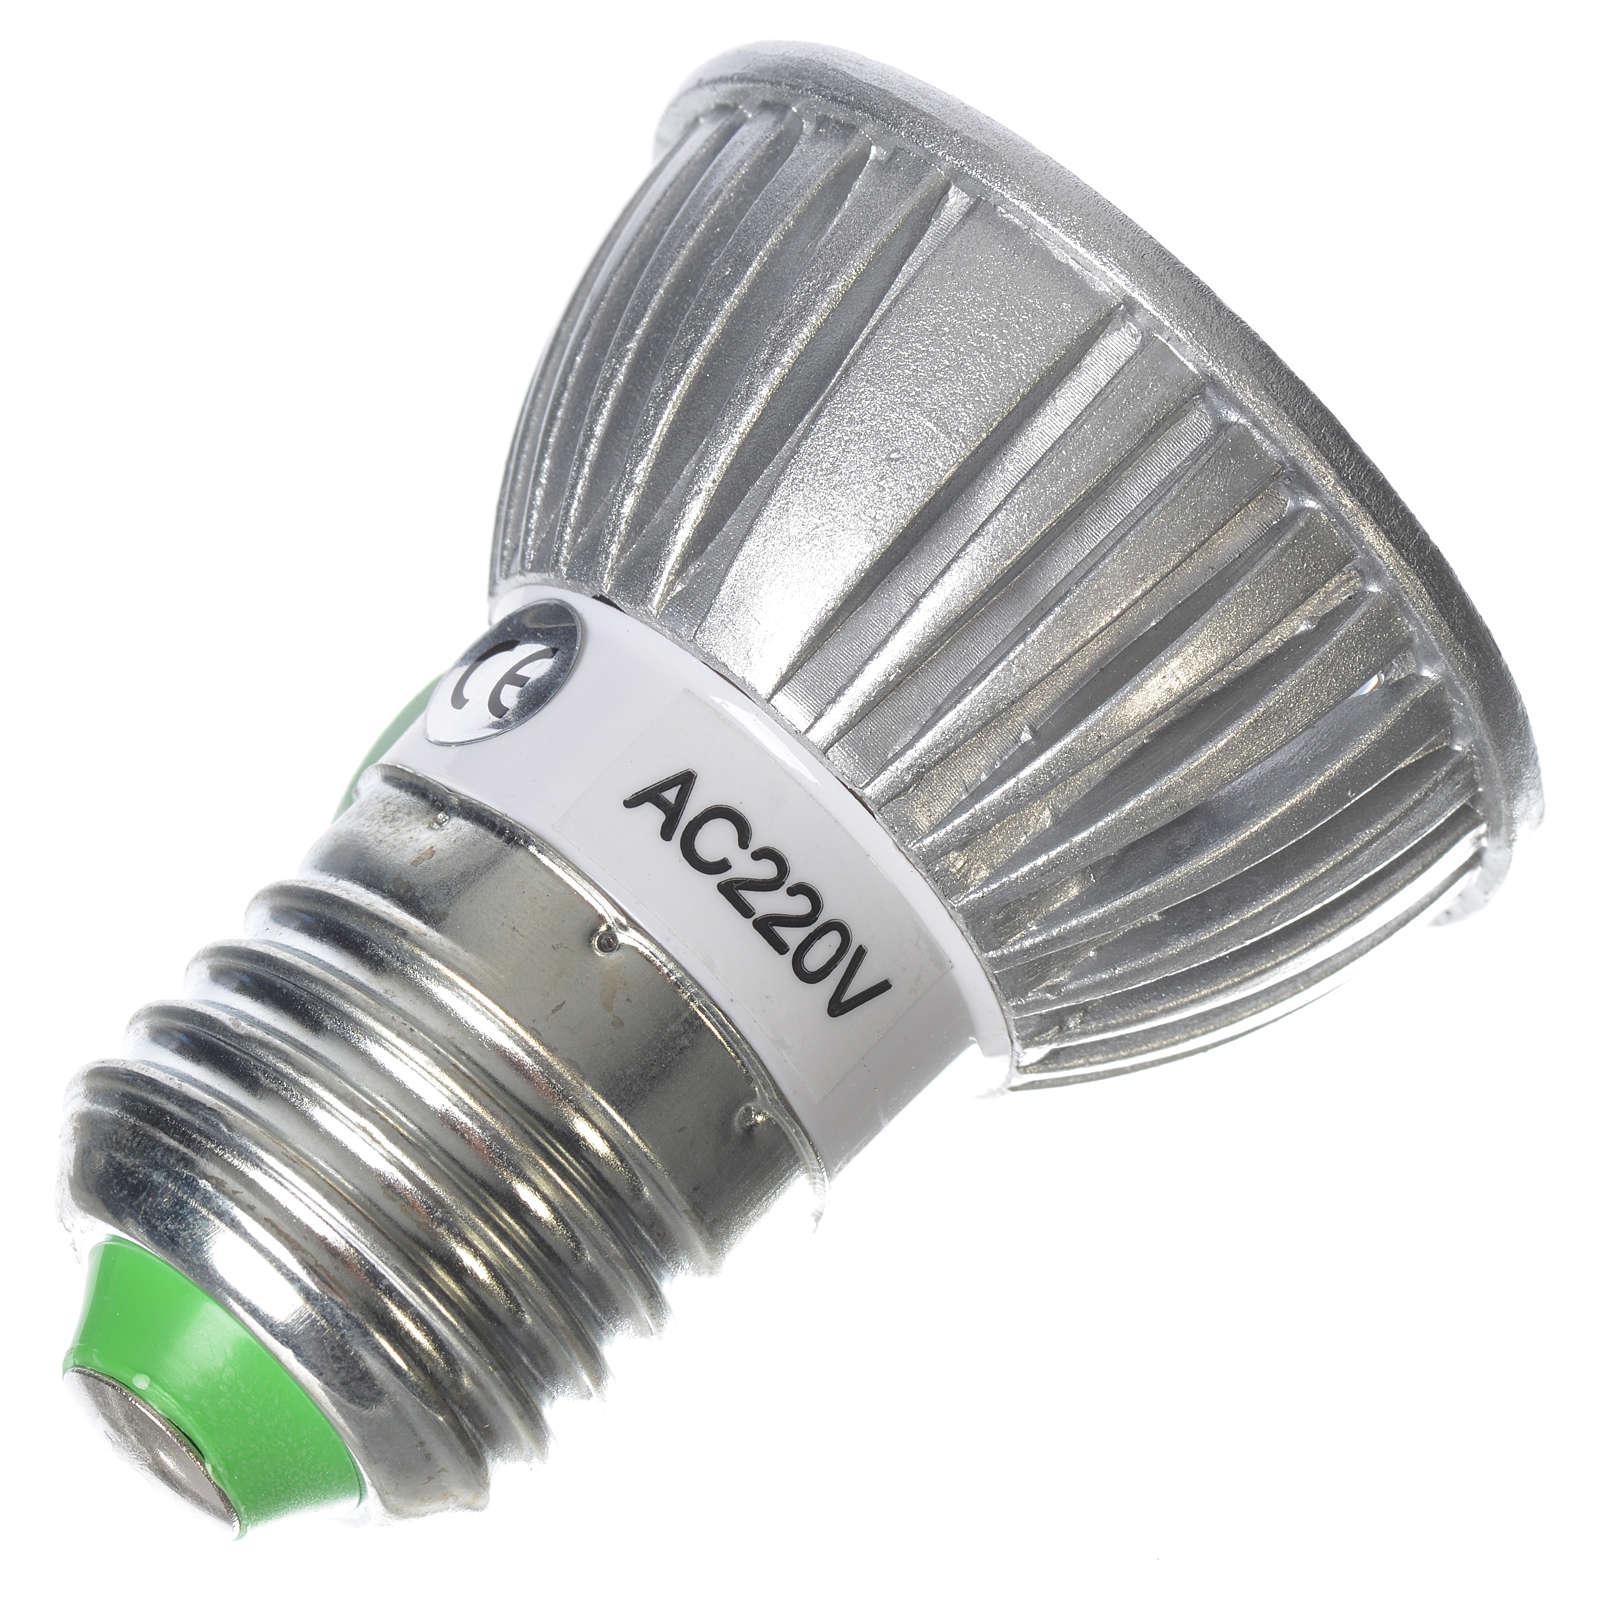 LED spot light 30 degrees 1W, warm light for nativities 4